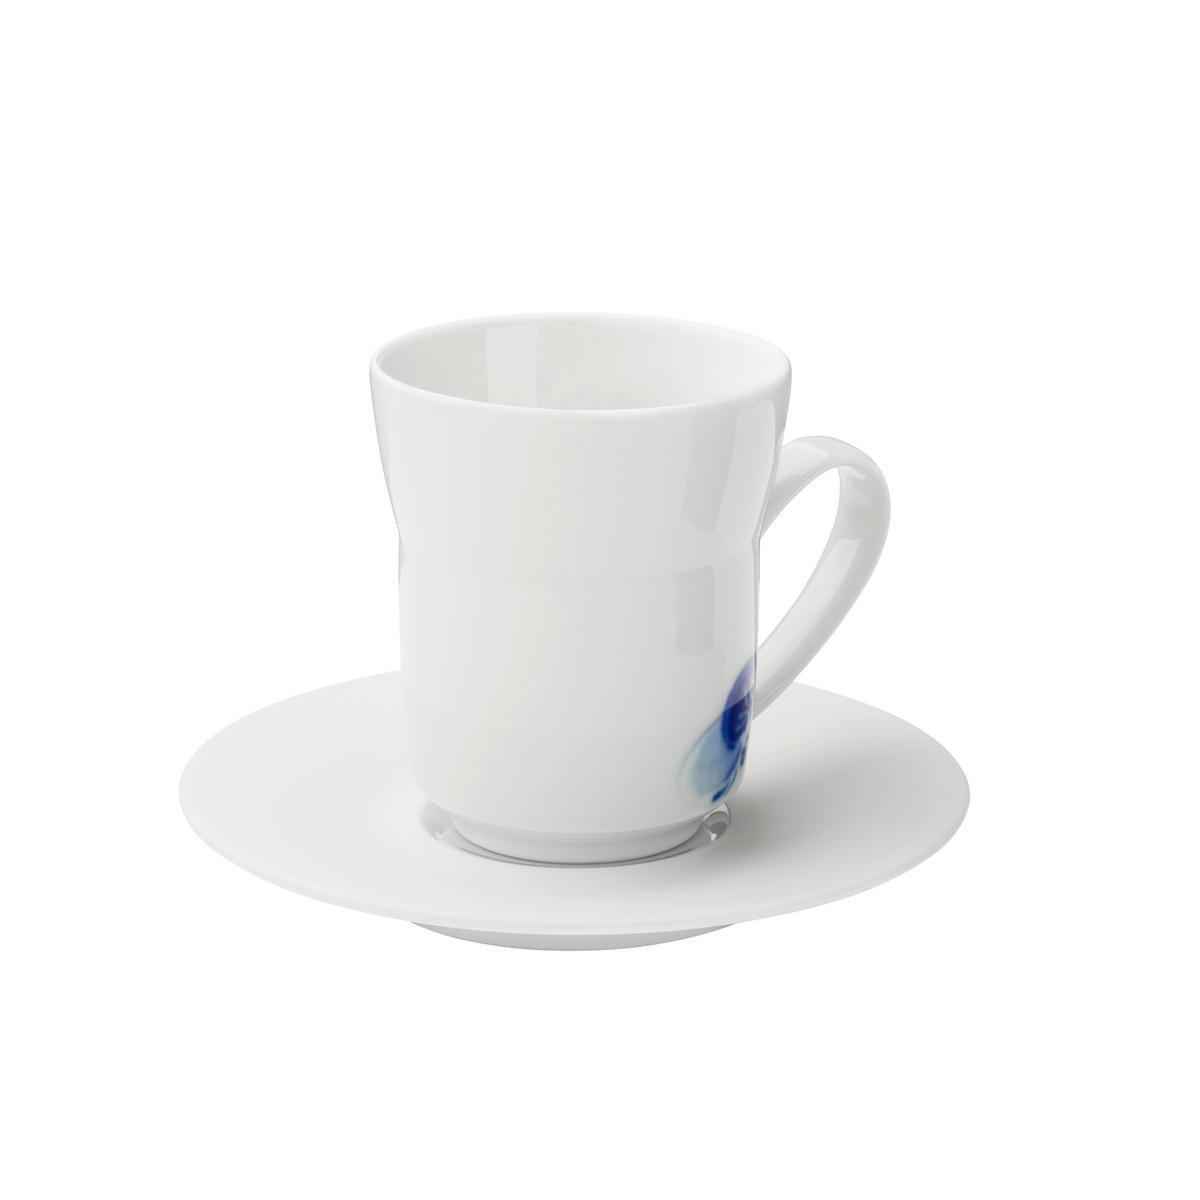 hering berlin ocean kaffee teetasse mit unterteller. Black Bedroom Furniture Sets. Home Design Ideas